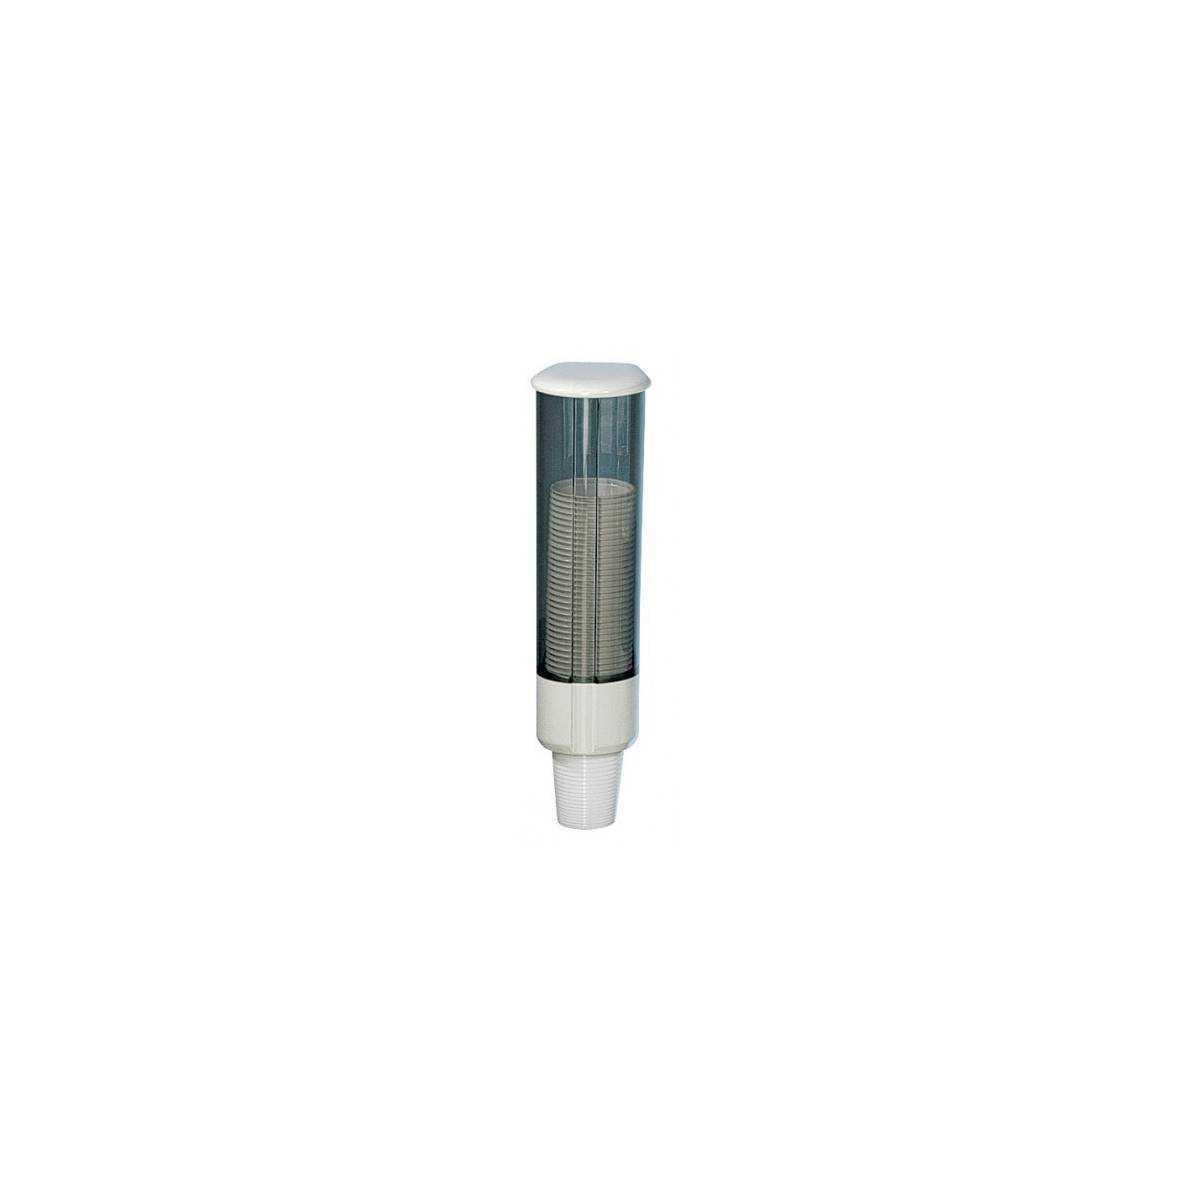 Держатель стаканов одноразовых ACQUALBA (559) A55901 Mar Plast